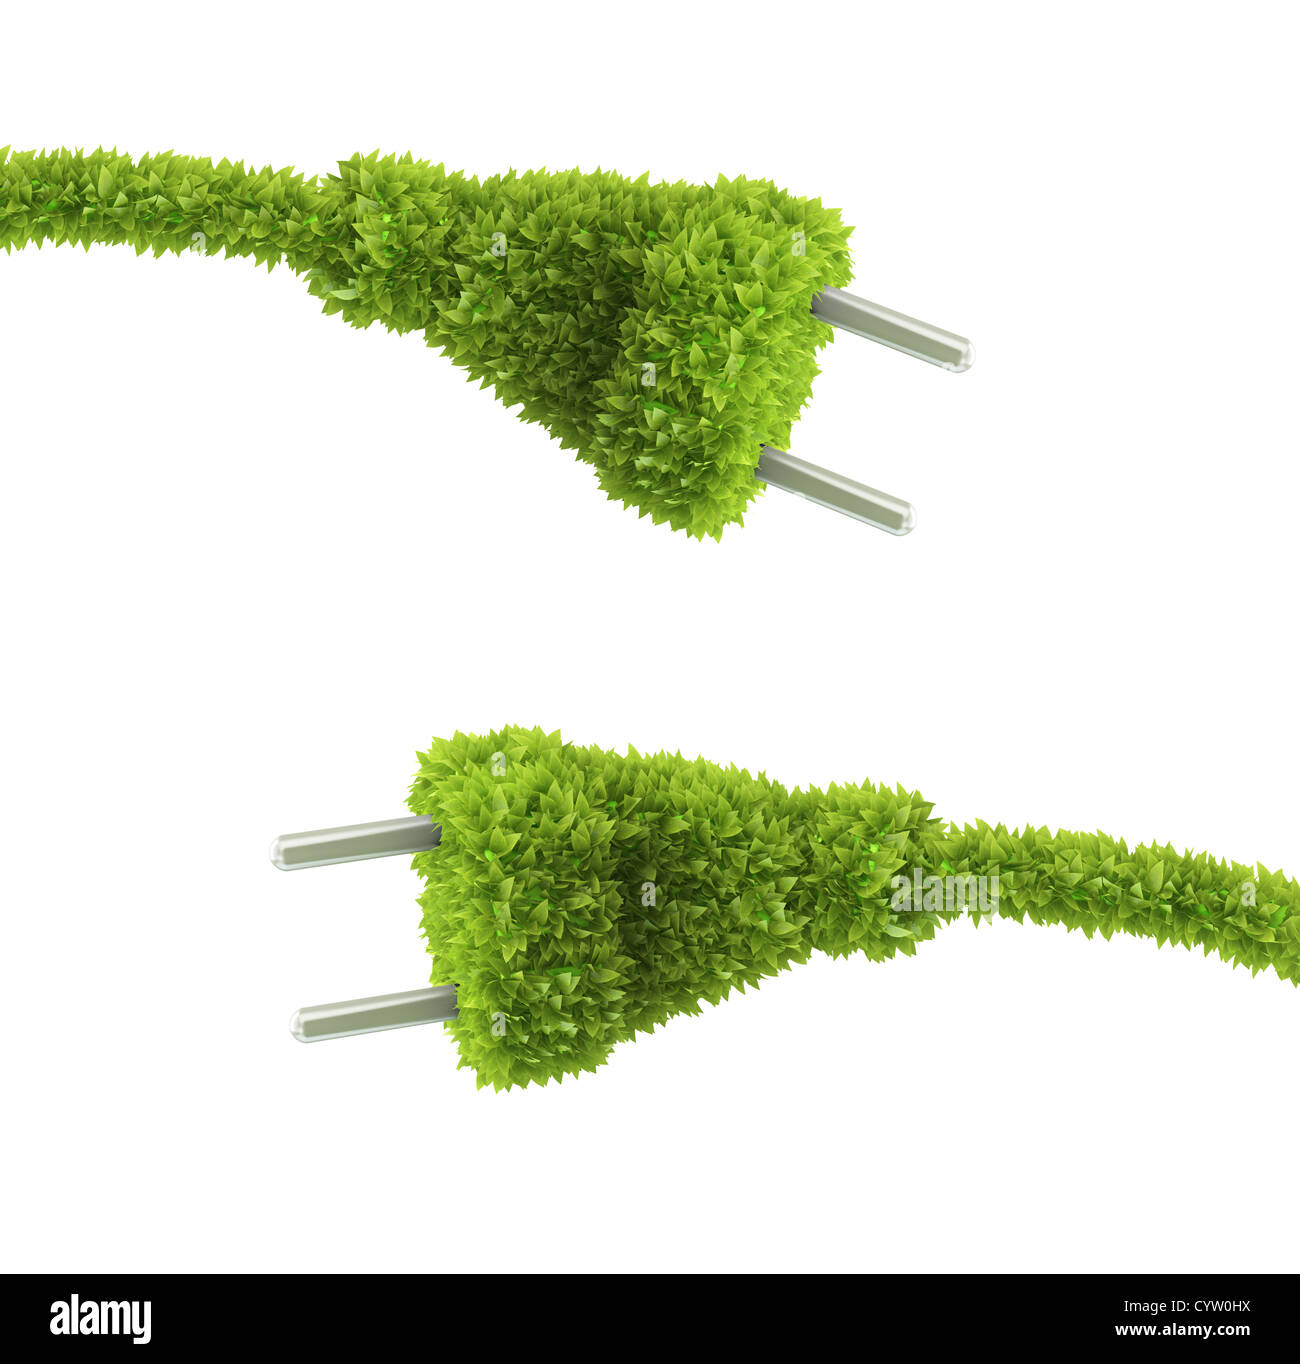 Grass bedeckt Stecker - erneuerbare Energie-Konzept Stockfoto